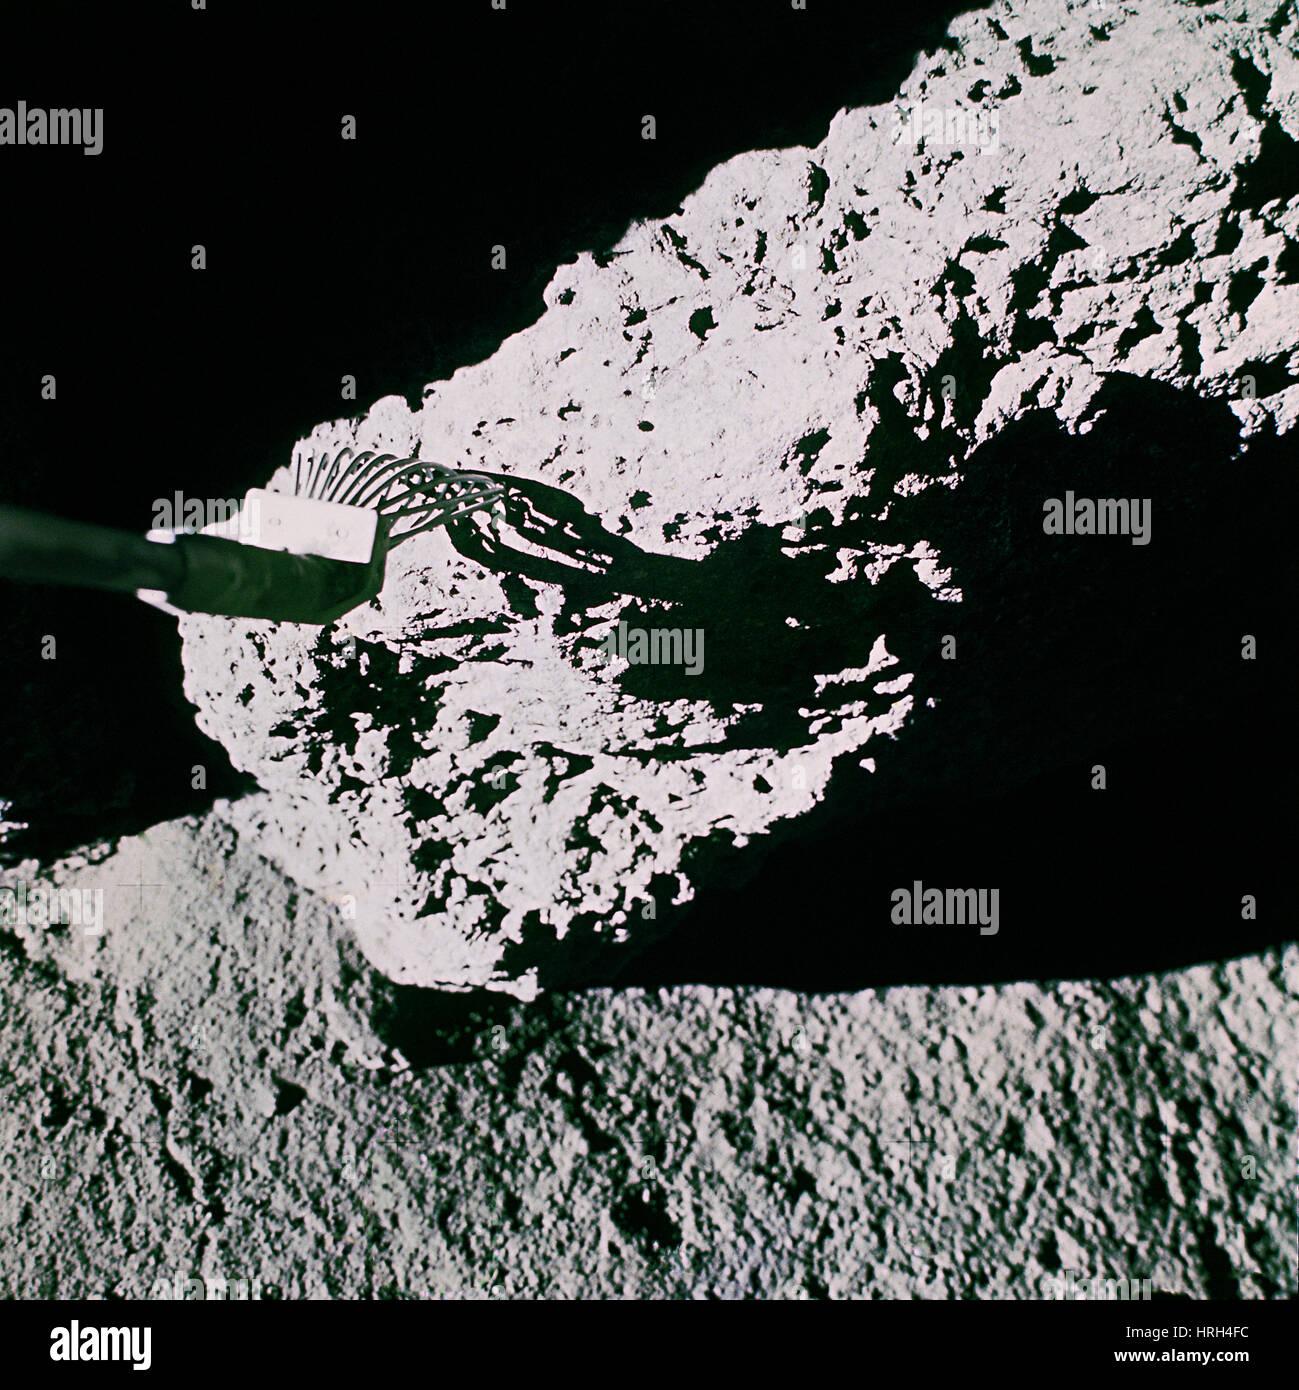 El Apolo 15 la recolección de la muestra Imagen De Stock